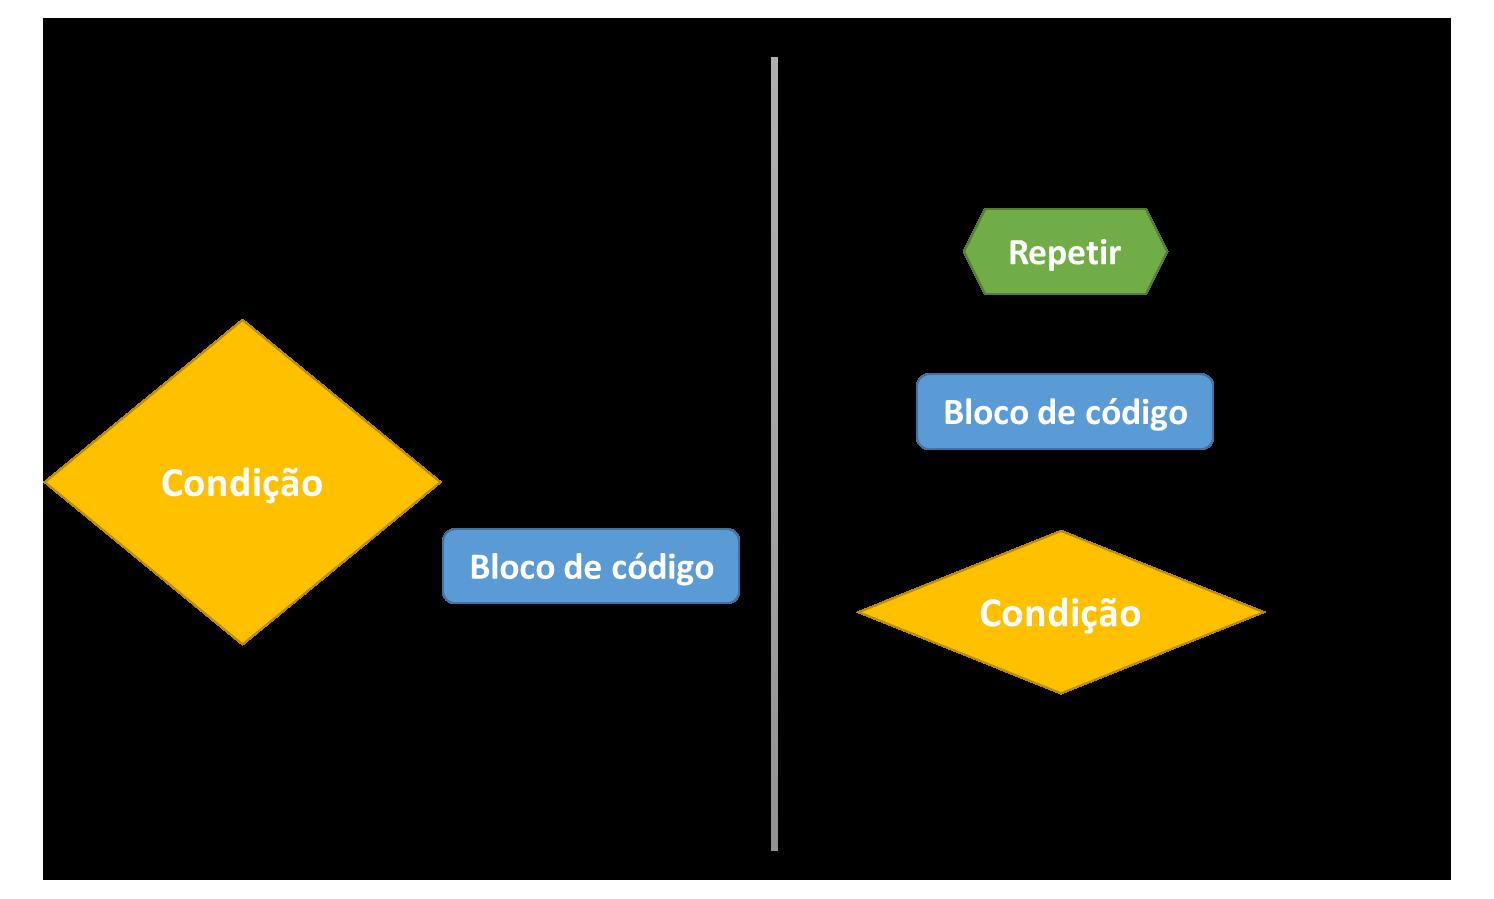 Estruturas de condição e repetição